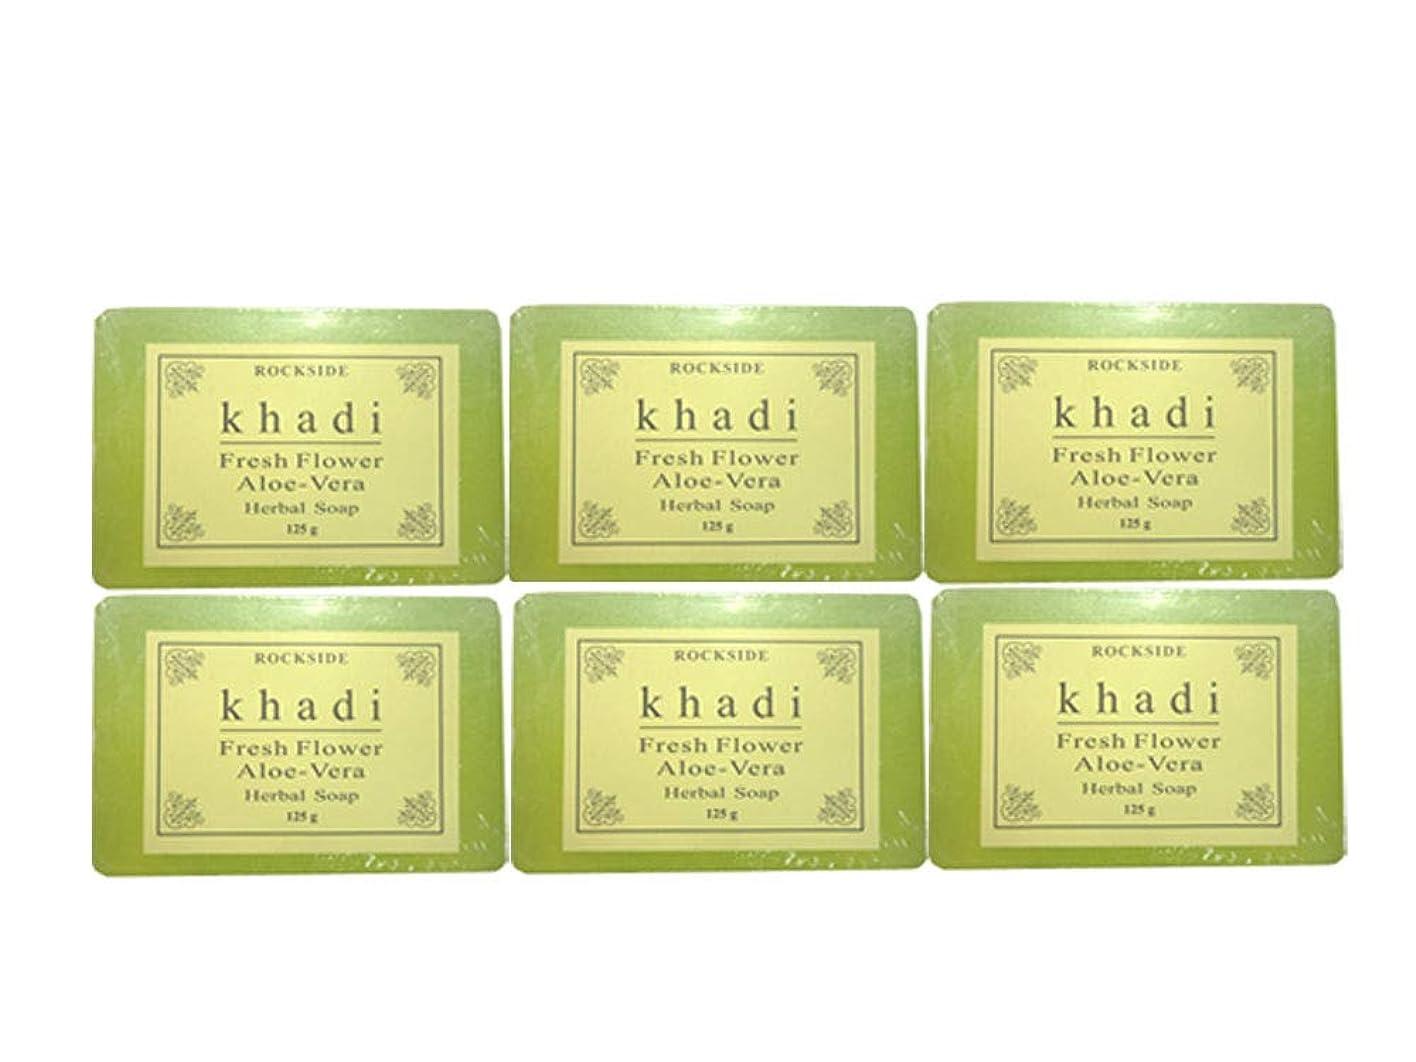 取り付けスキッパーネックレット手作り カーディ フレッシュフラワー2 ハーバルソープ Khadi Fresh Flower Aloe-Vera Herbal Soap 6個SET